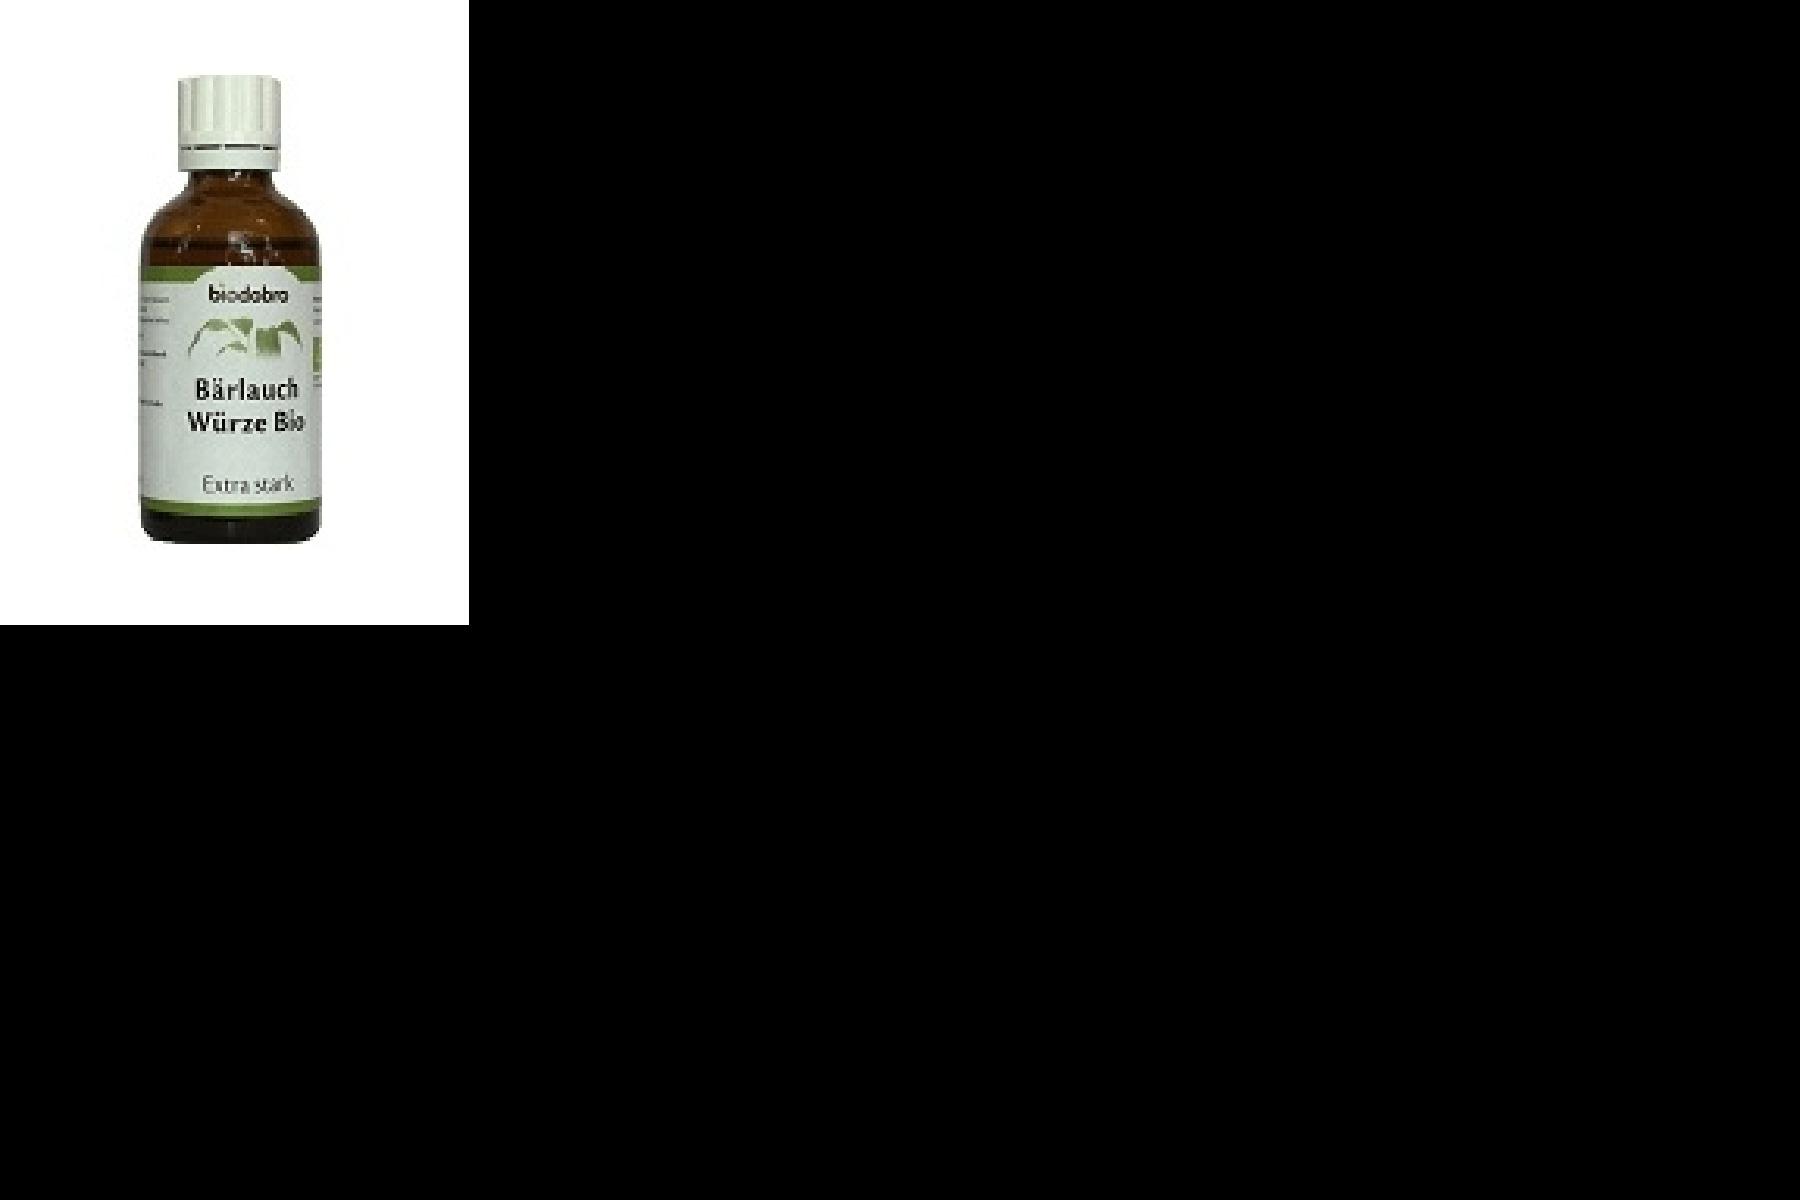 baerlauch wuerze